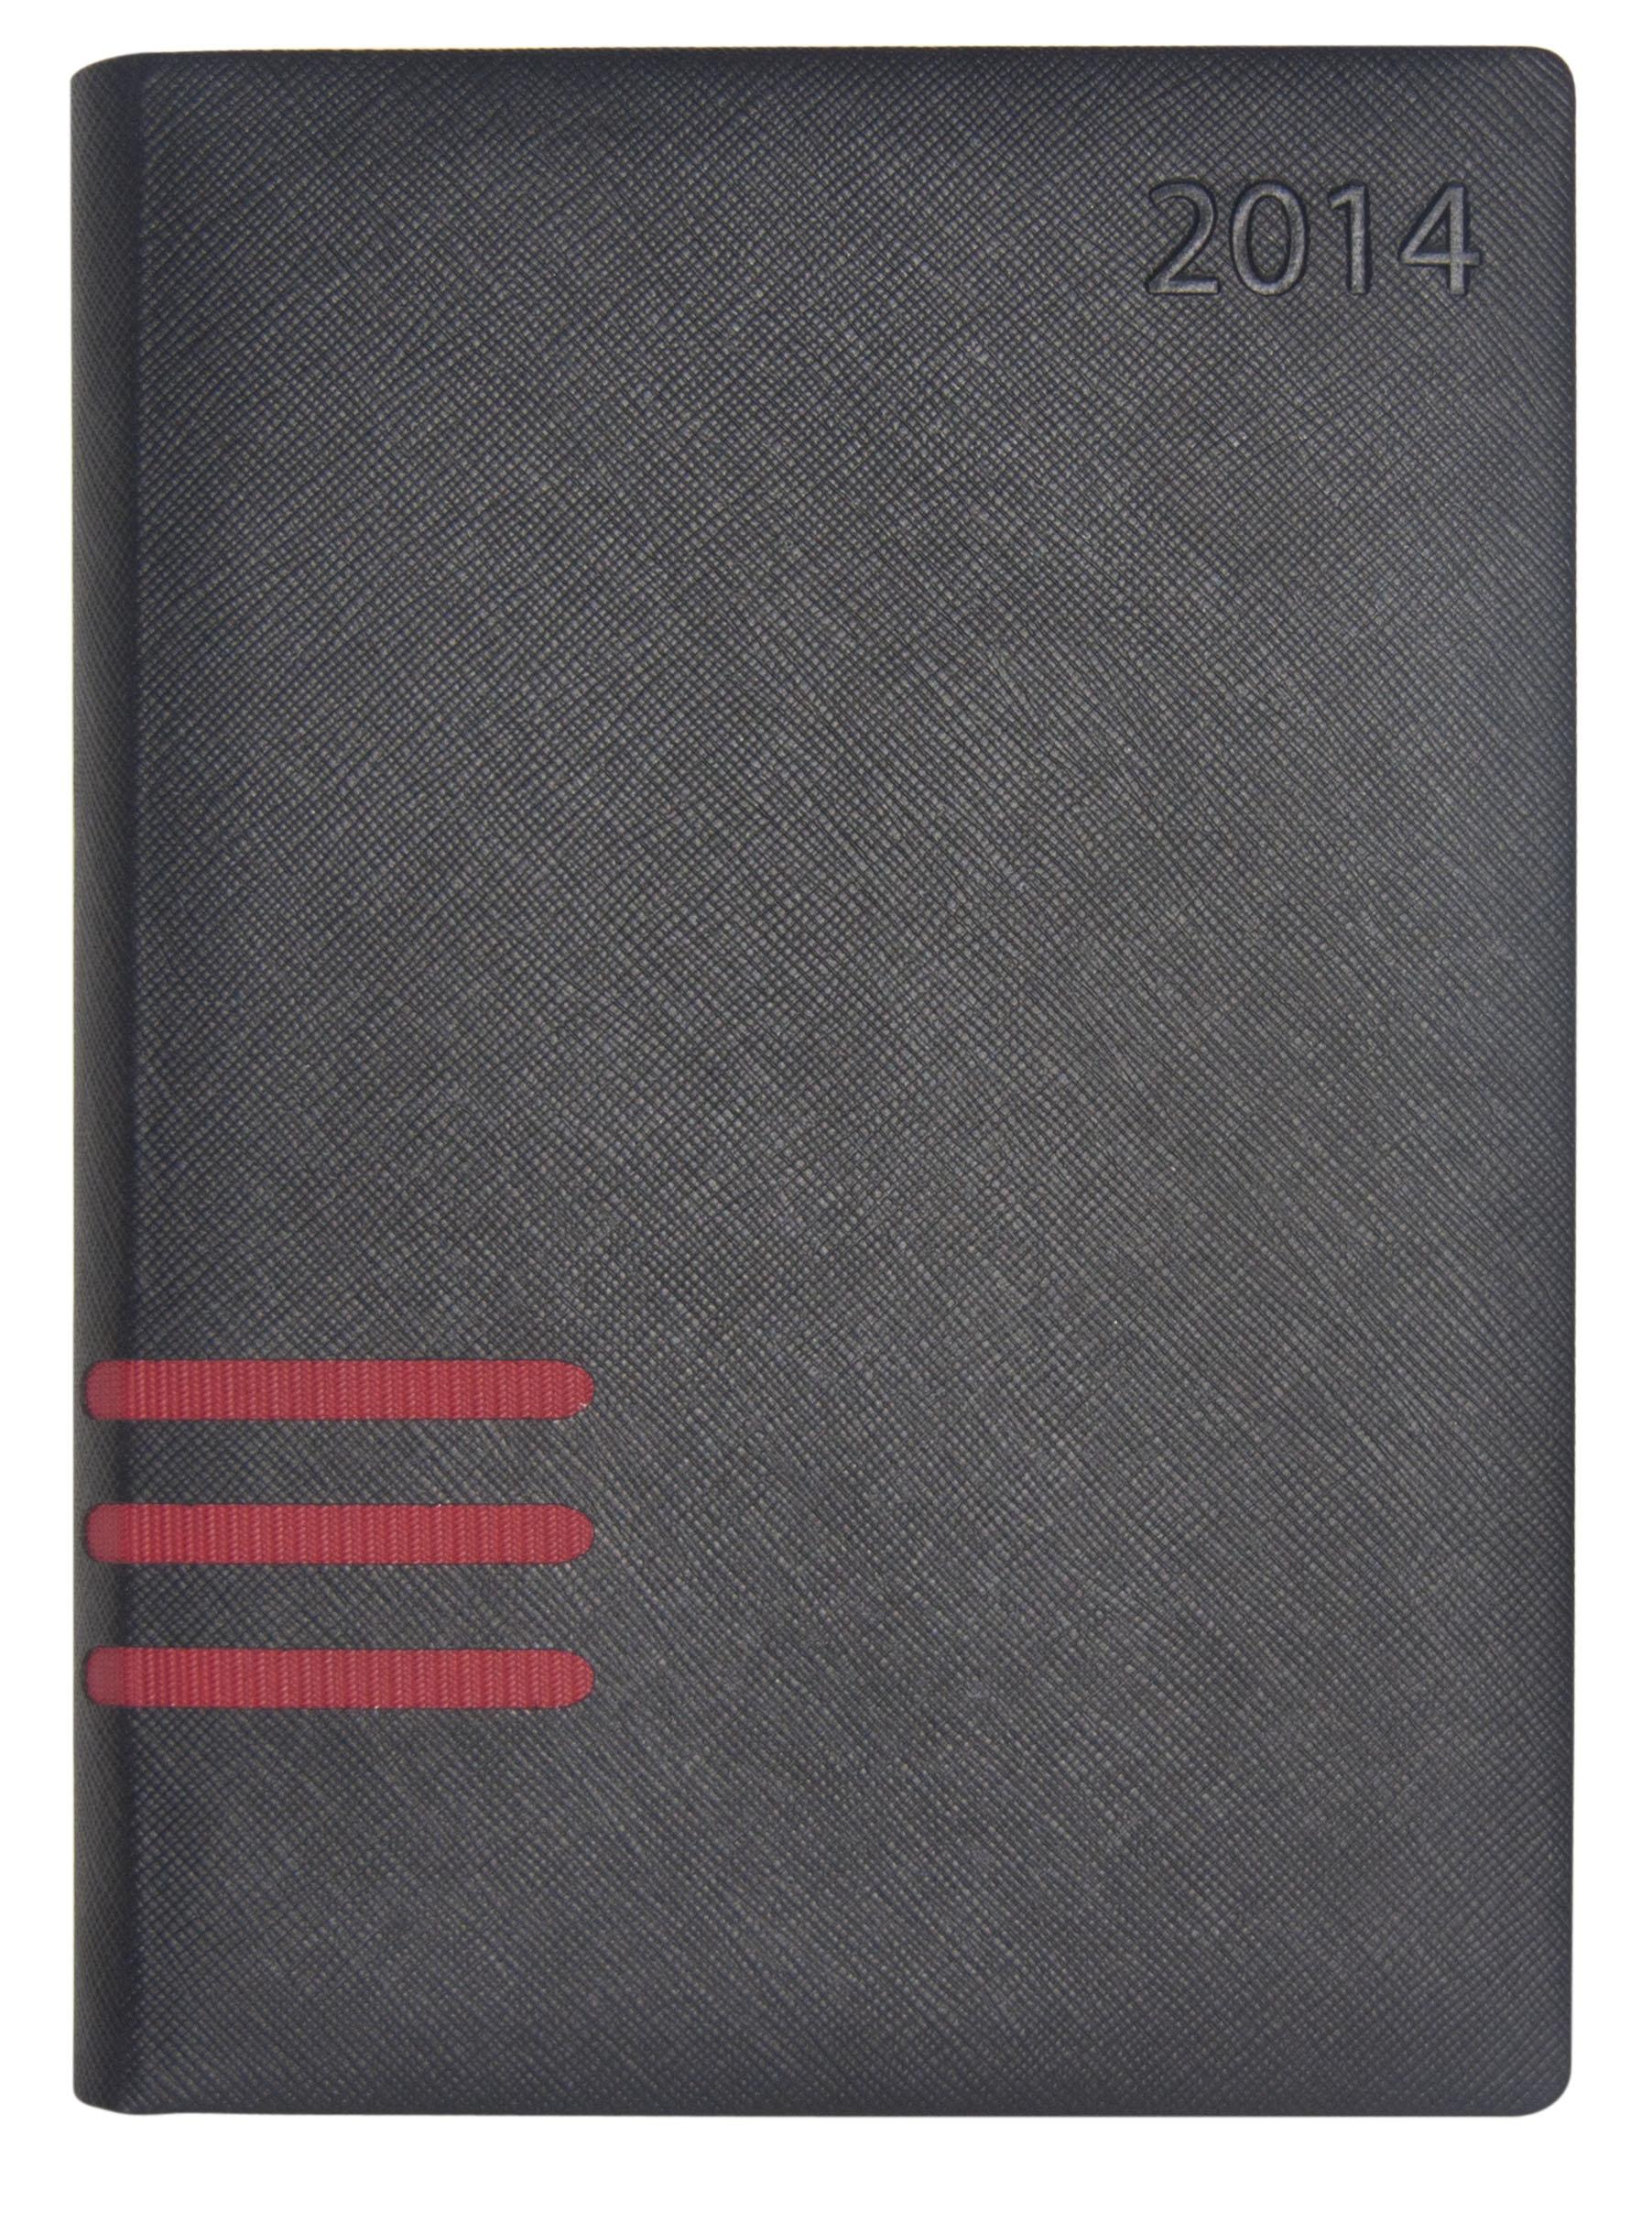 Agenda 2014 - Negro con Rojo